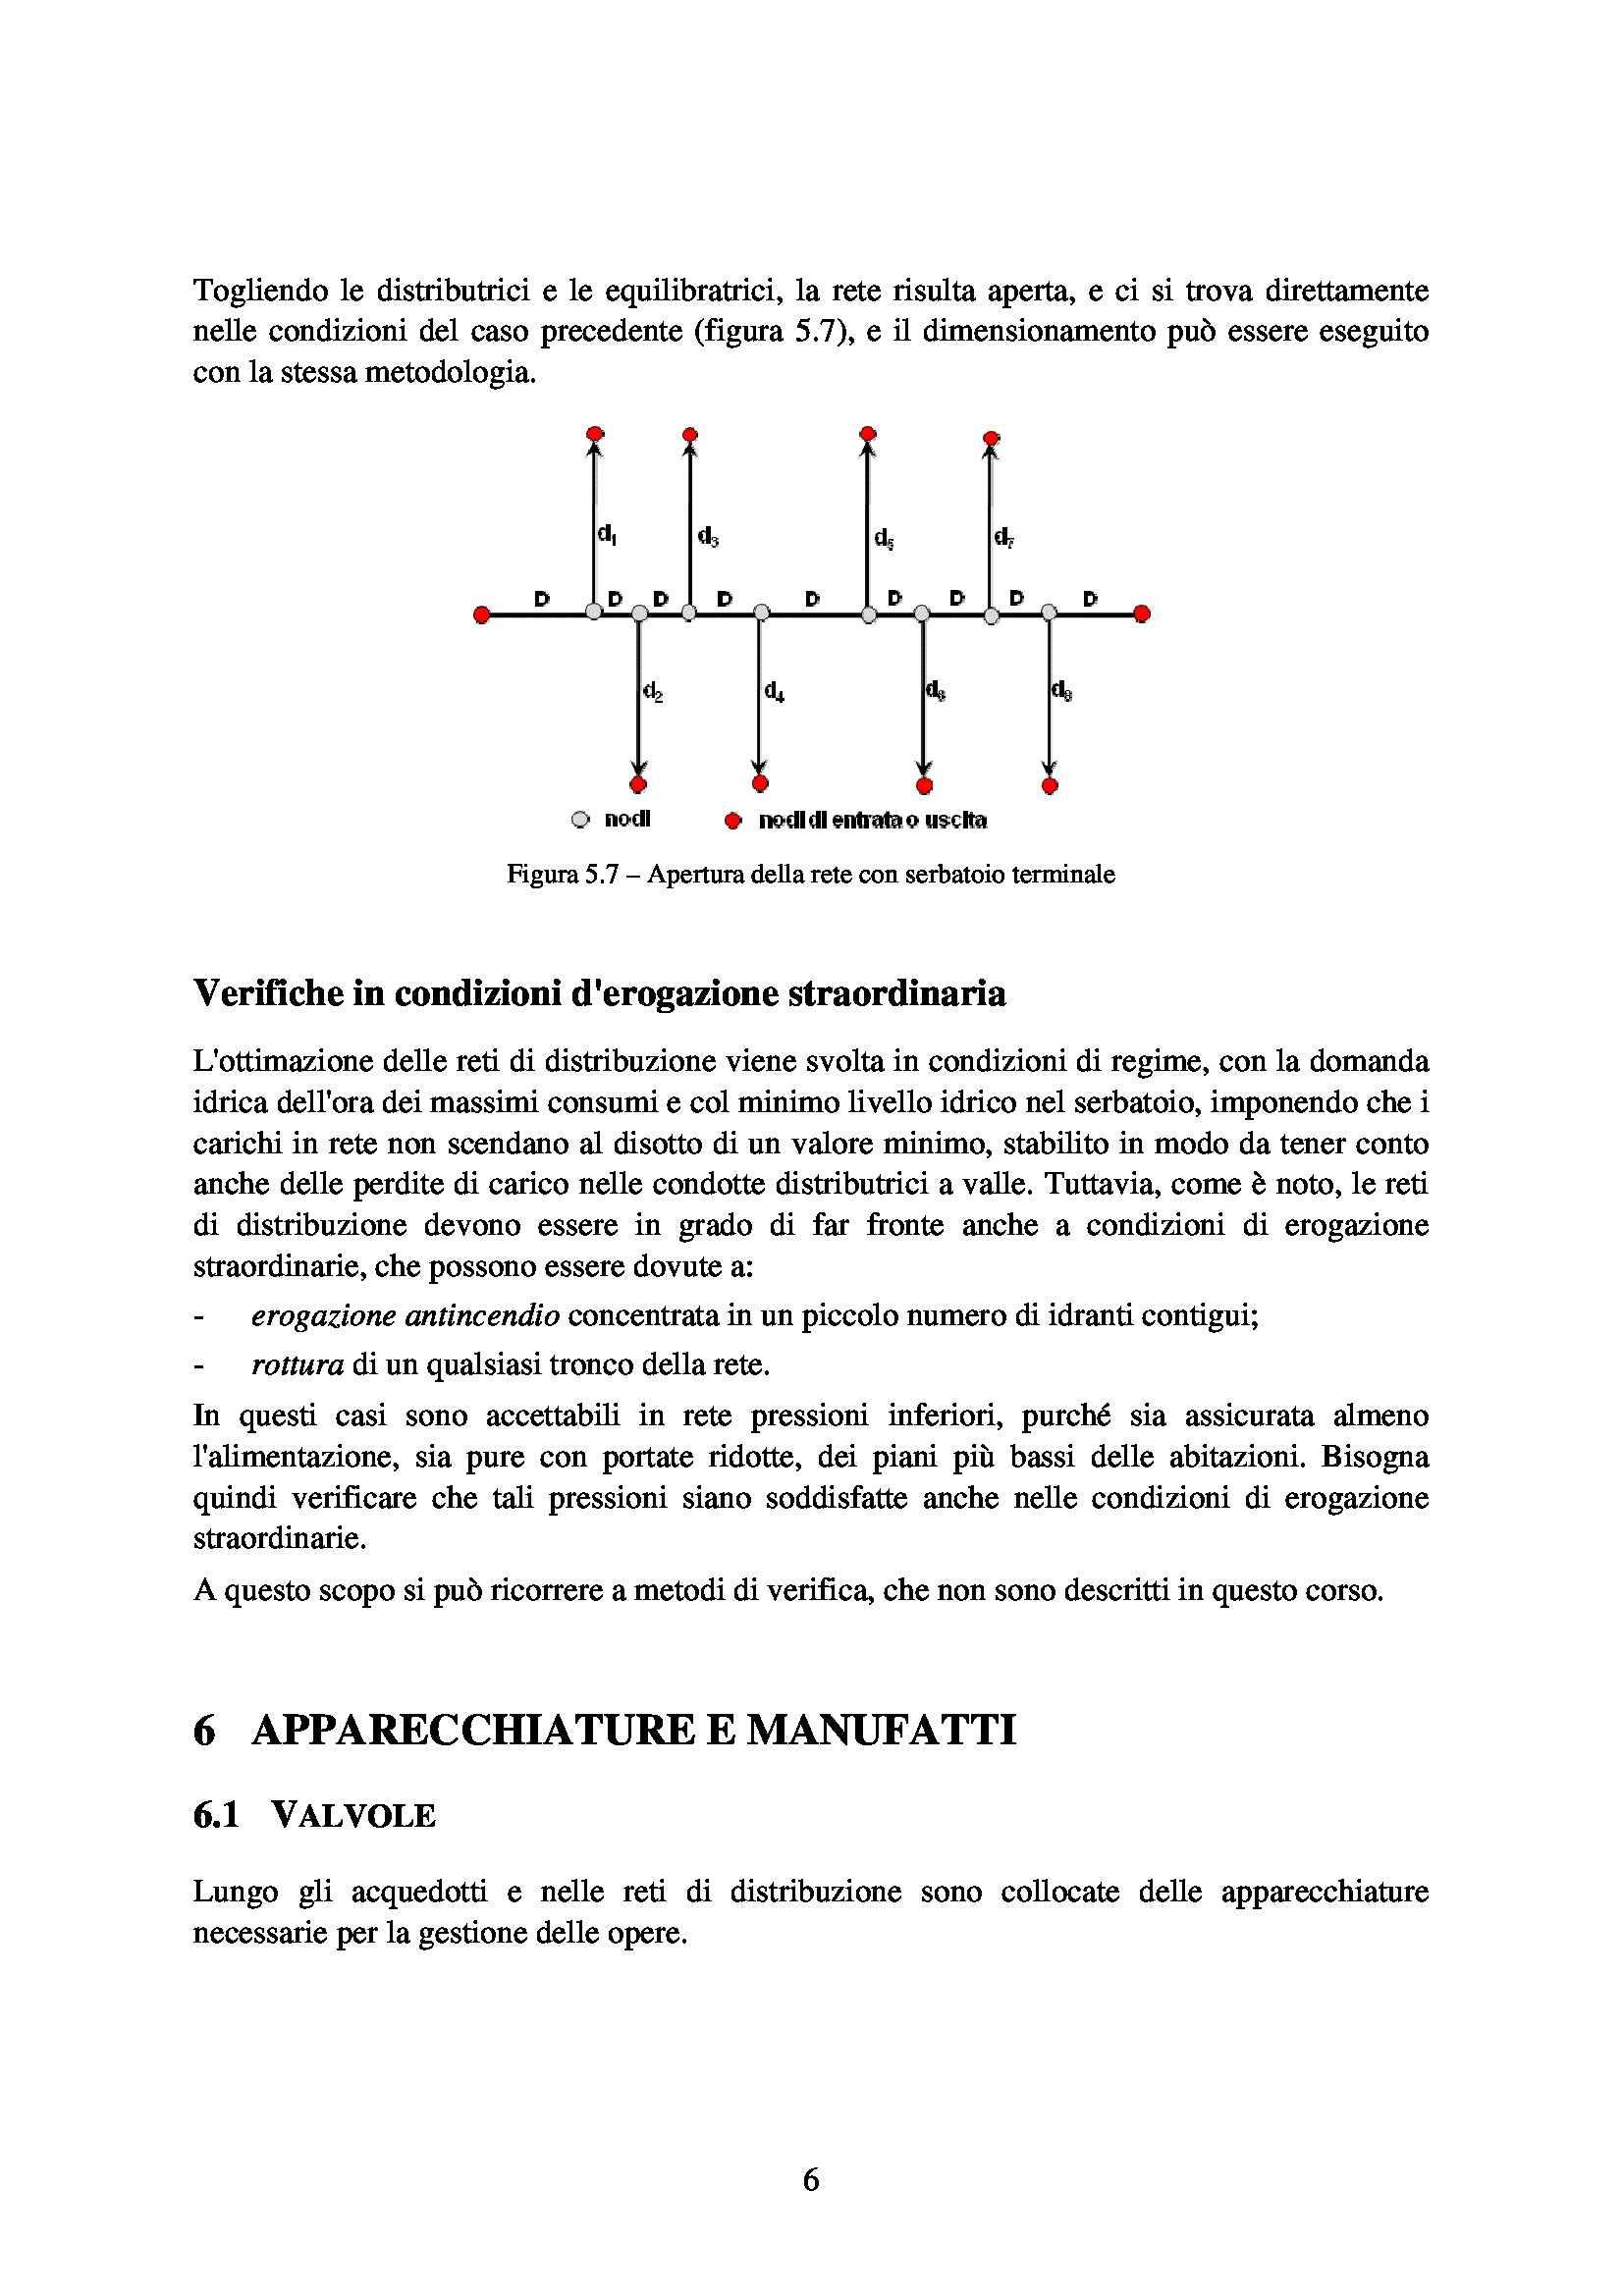 Elementi di infrastrutture idrauliche - reti di distribuzione, apparecchiature e manufatti Pag. 6